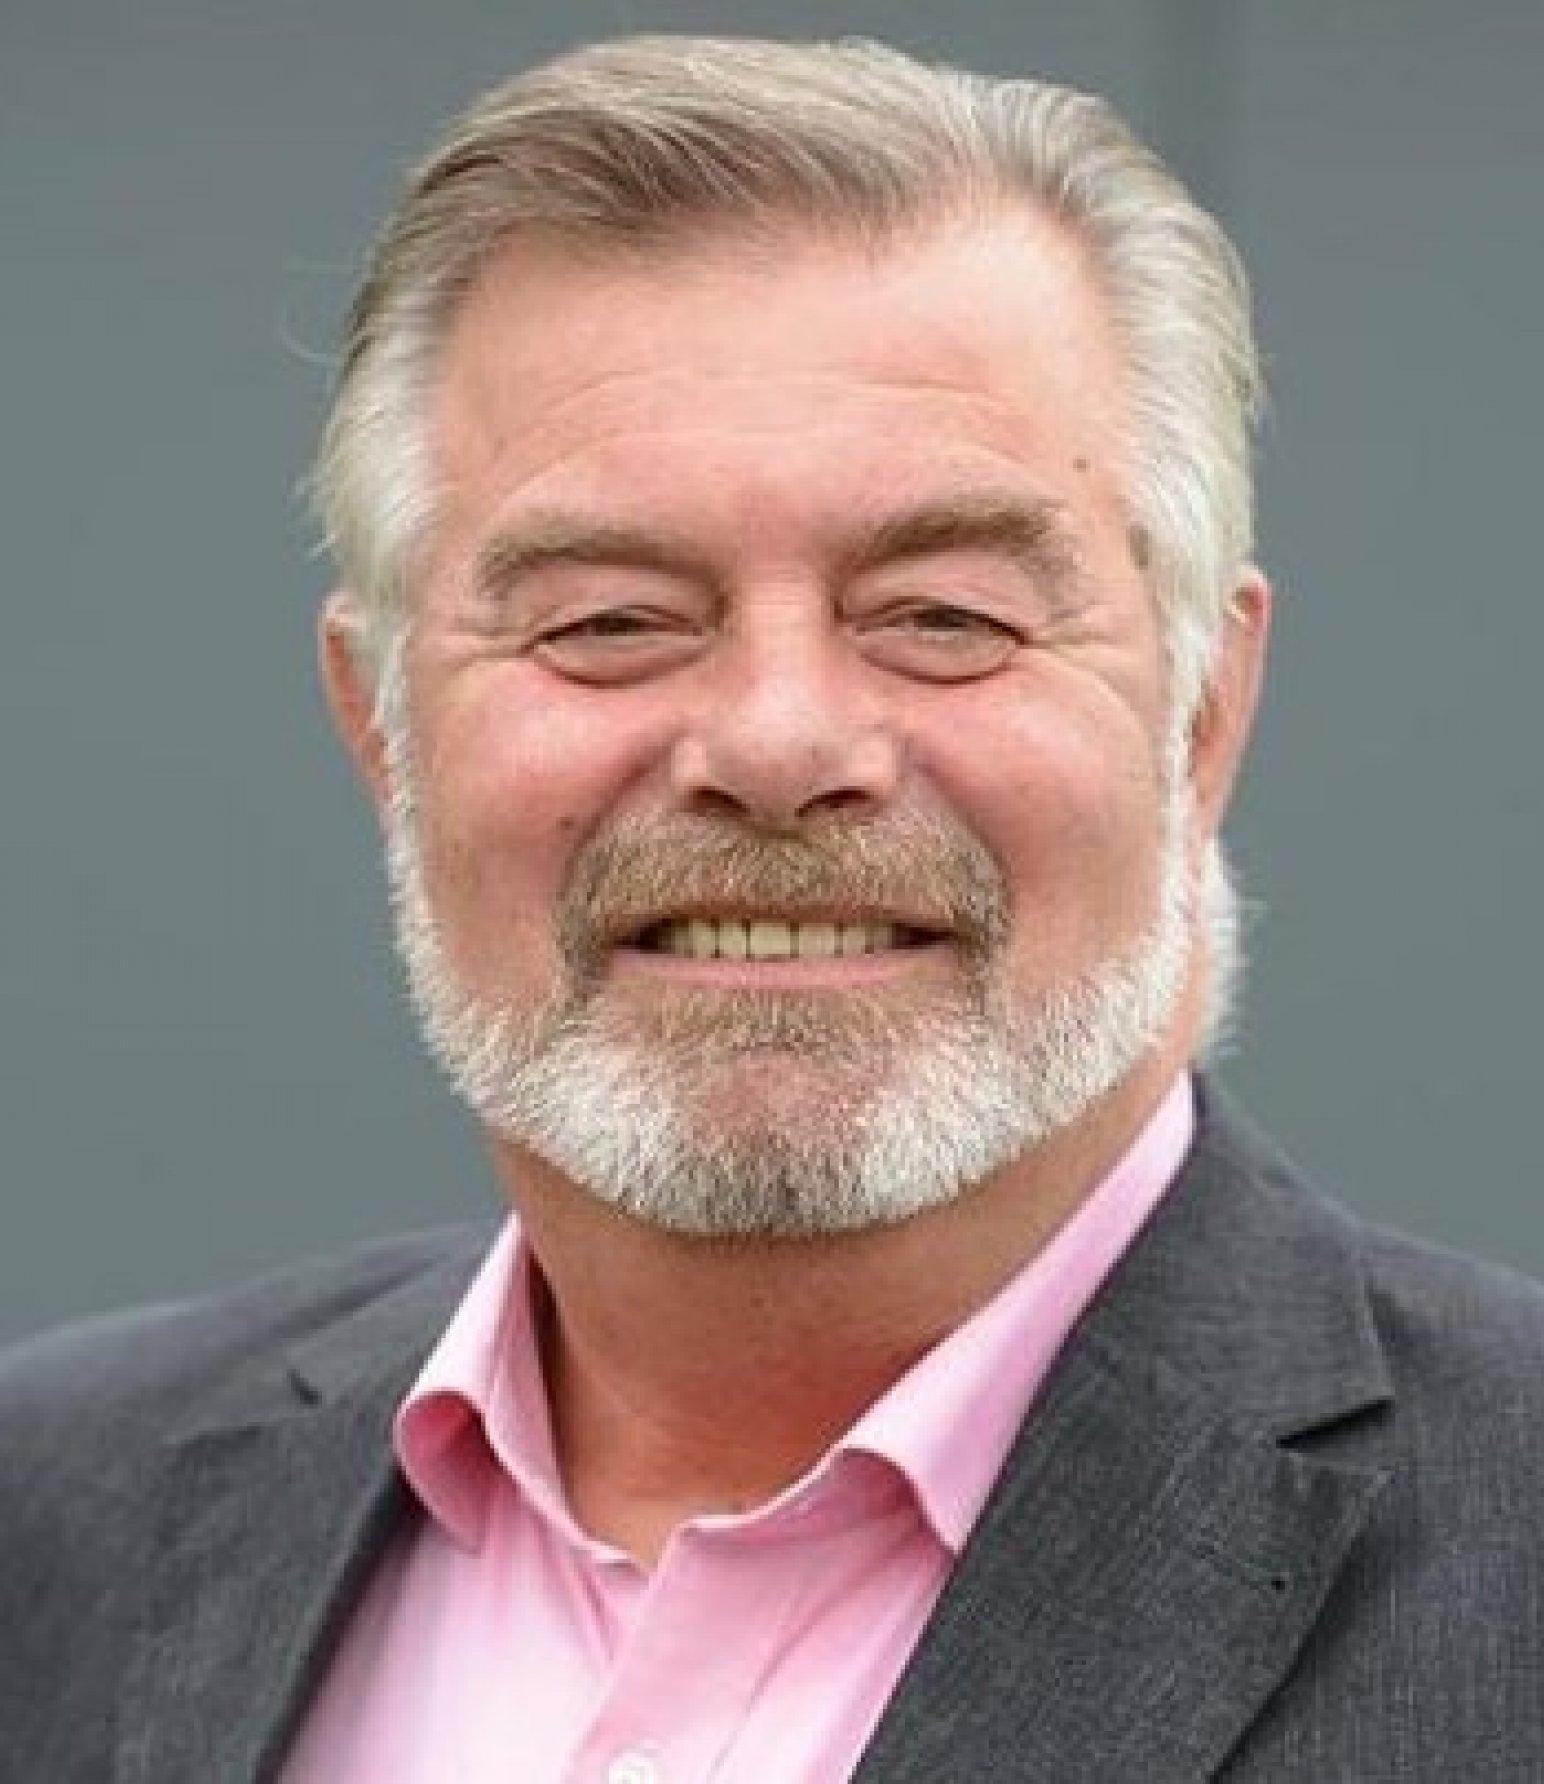 Harry Wijnvoord